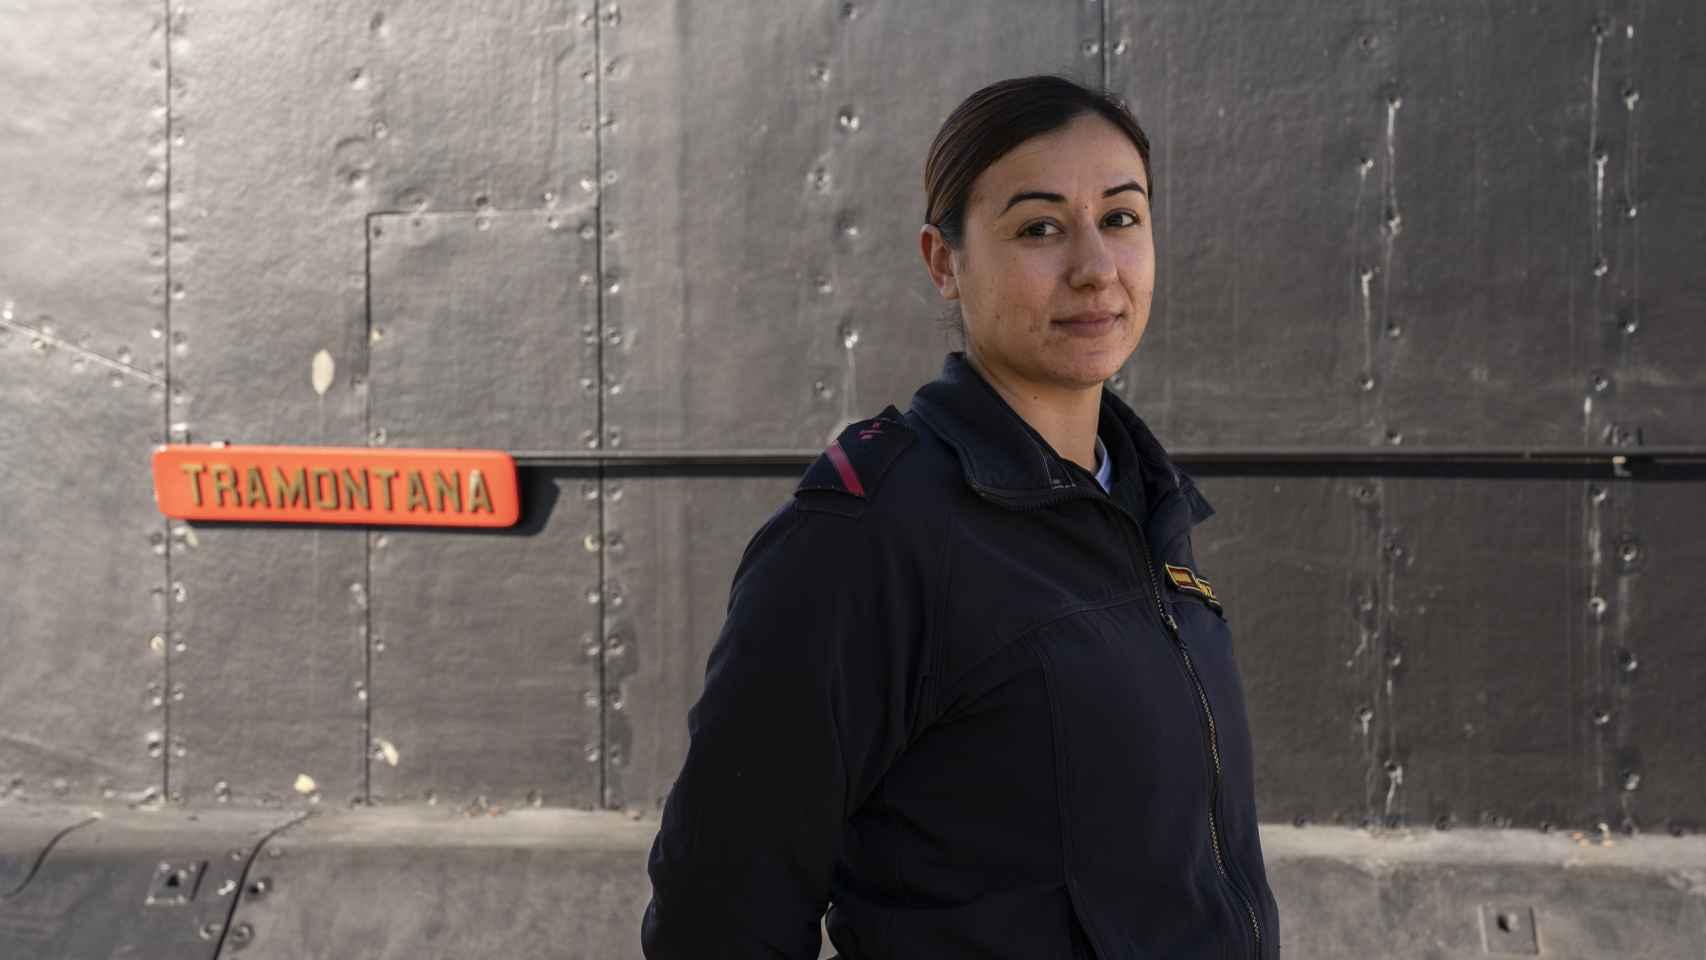 Estefanía Ruiz, frente al submarino Tramontana.